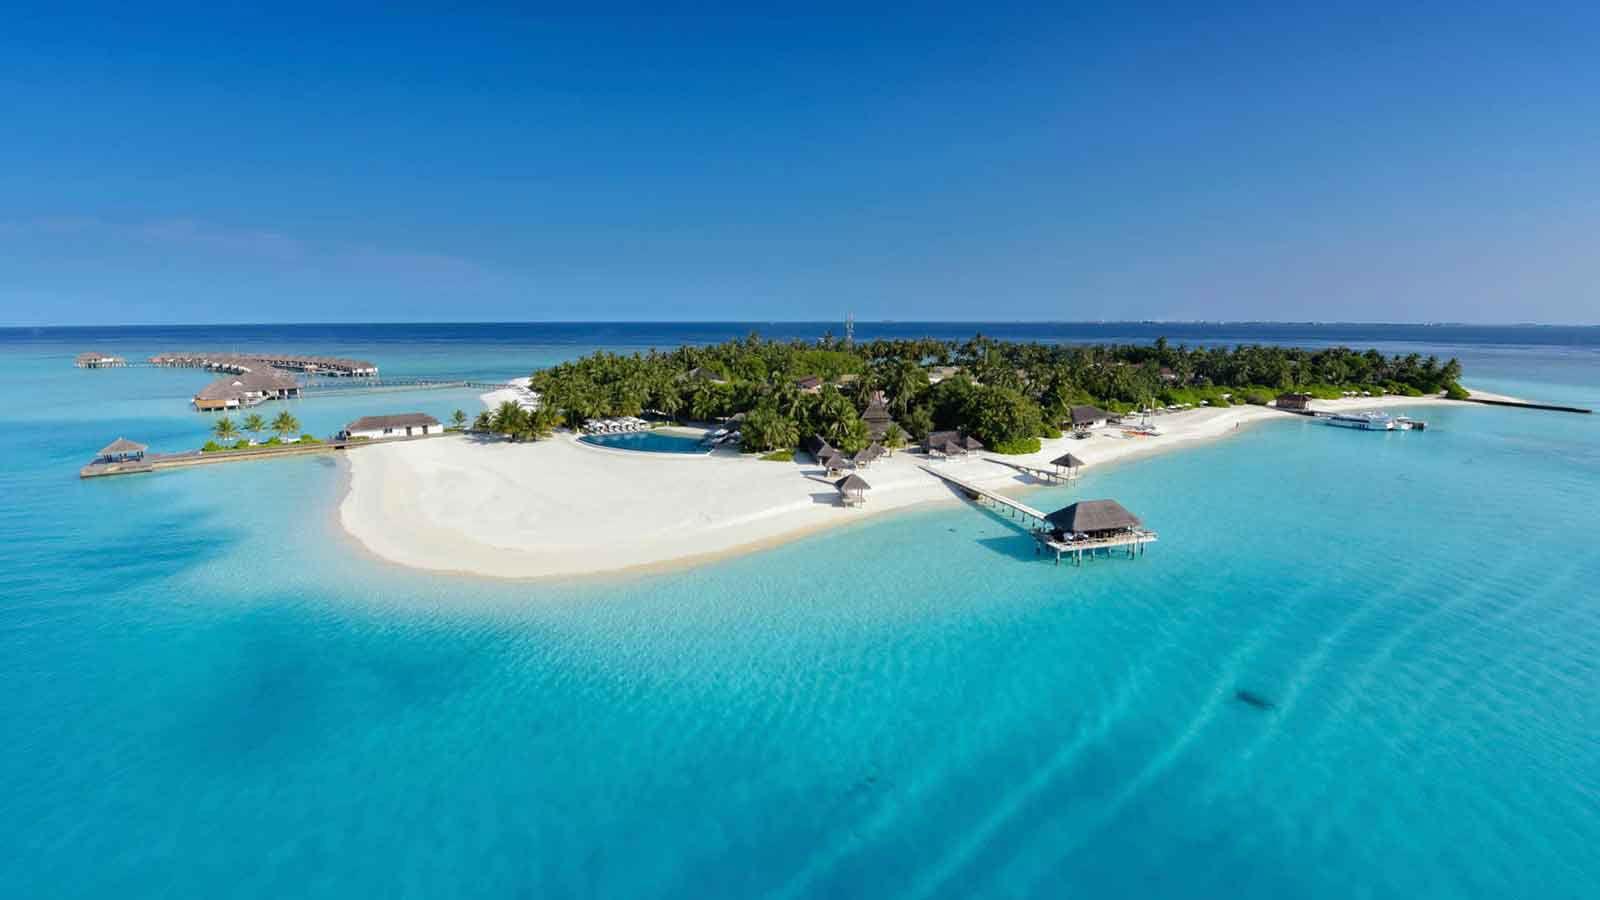 Velassaru Beach Resort